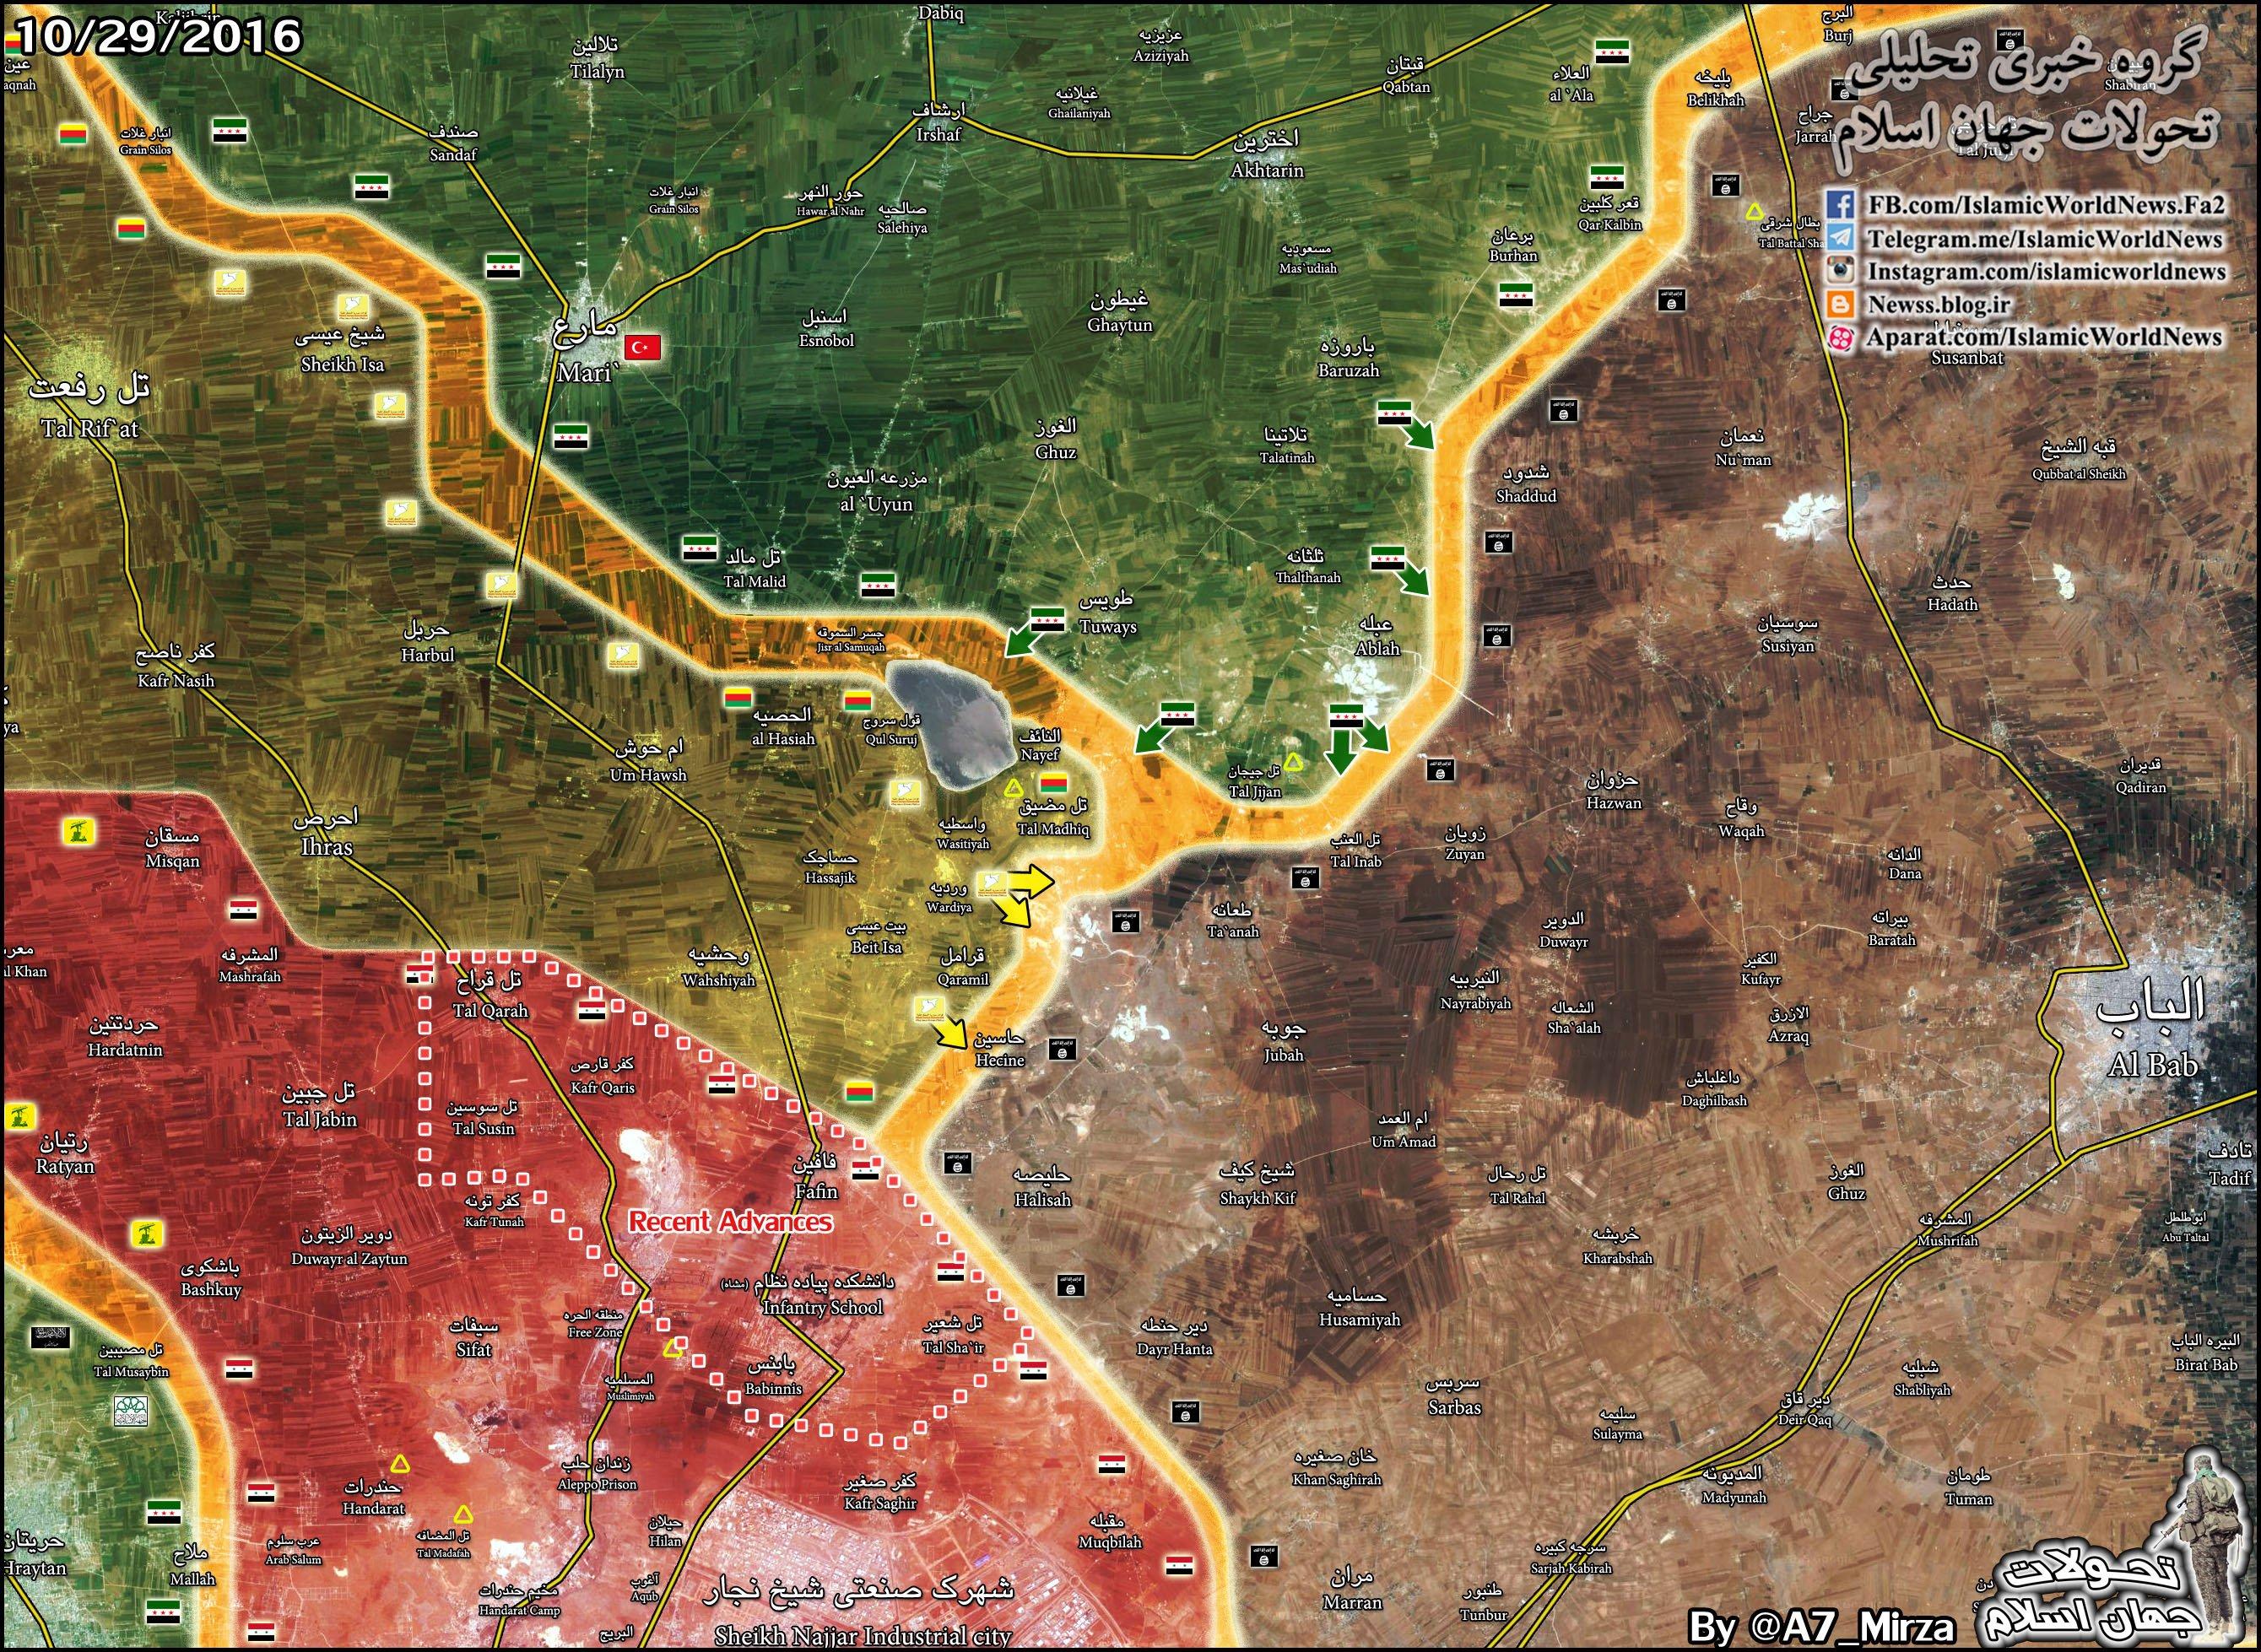 Μάχη της Αλ-Μπαμπ, 29.10.2016: Το κουρδικό YPG εμποδίζει την δυνατότητα επιθέσης του Ελευθέρου Συριακού Στρατού (FSA) κατά του κυβερνητικού συριακού στρατού στο βορειοανατολικό Χαλέπι